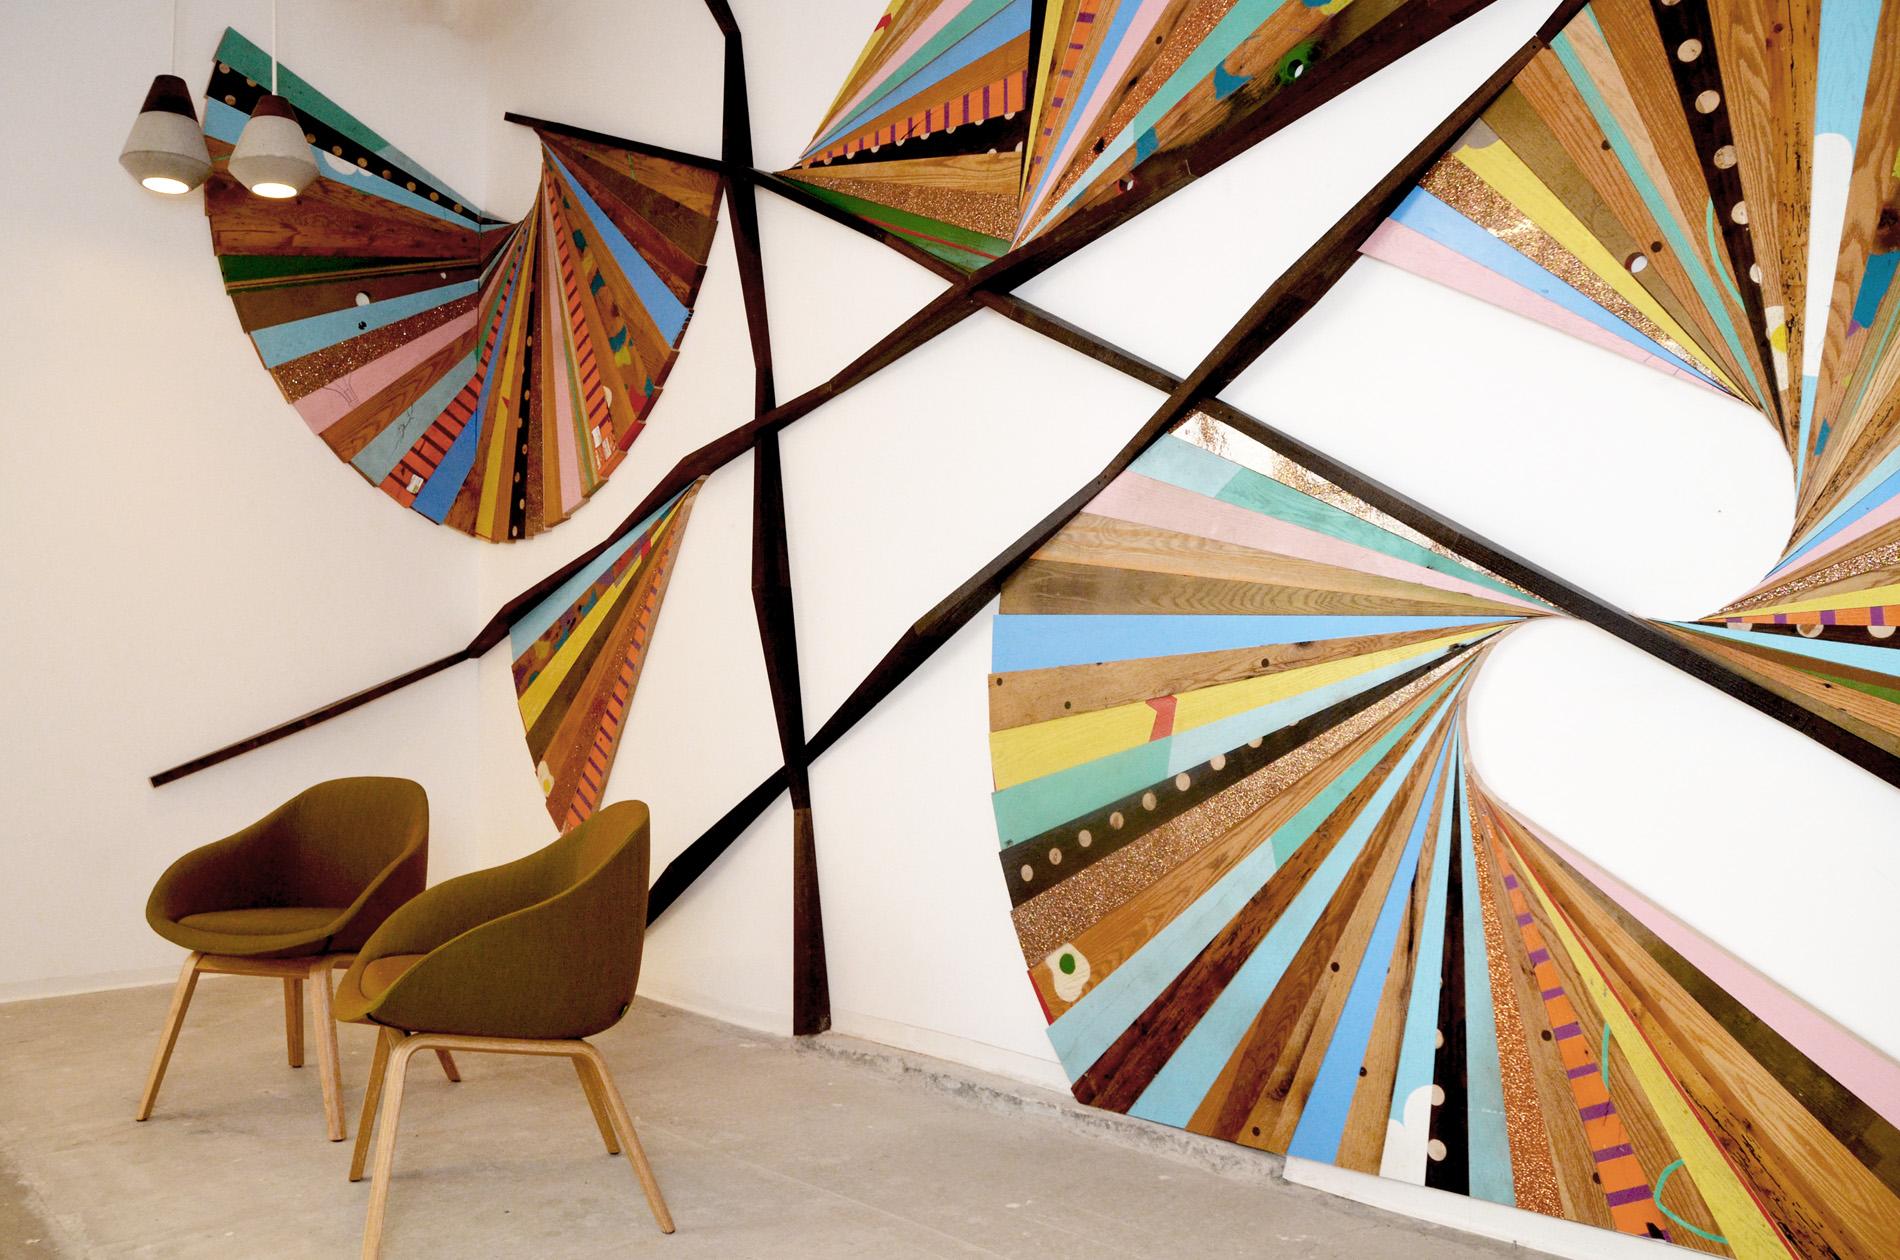 wall1_chairs_angle.jpg